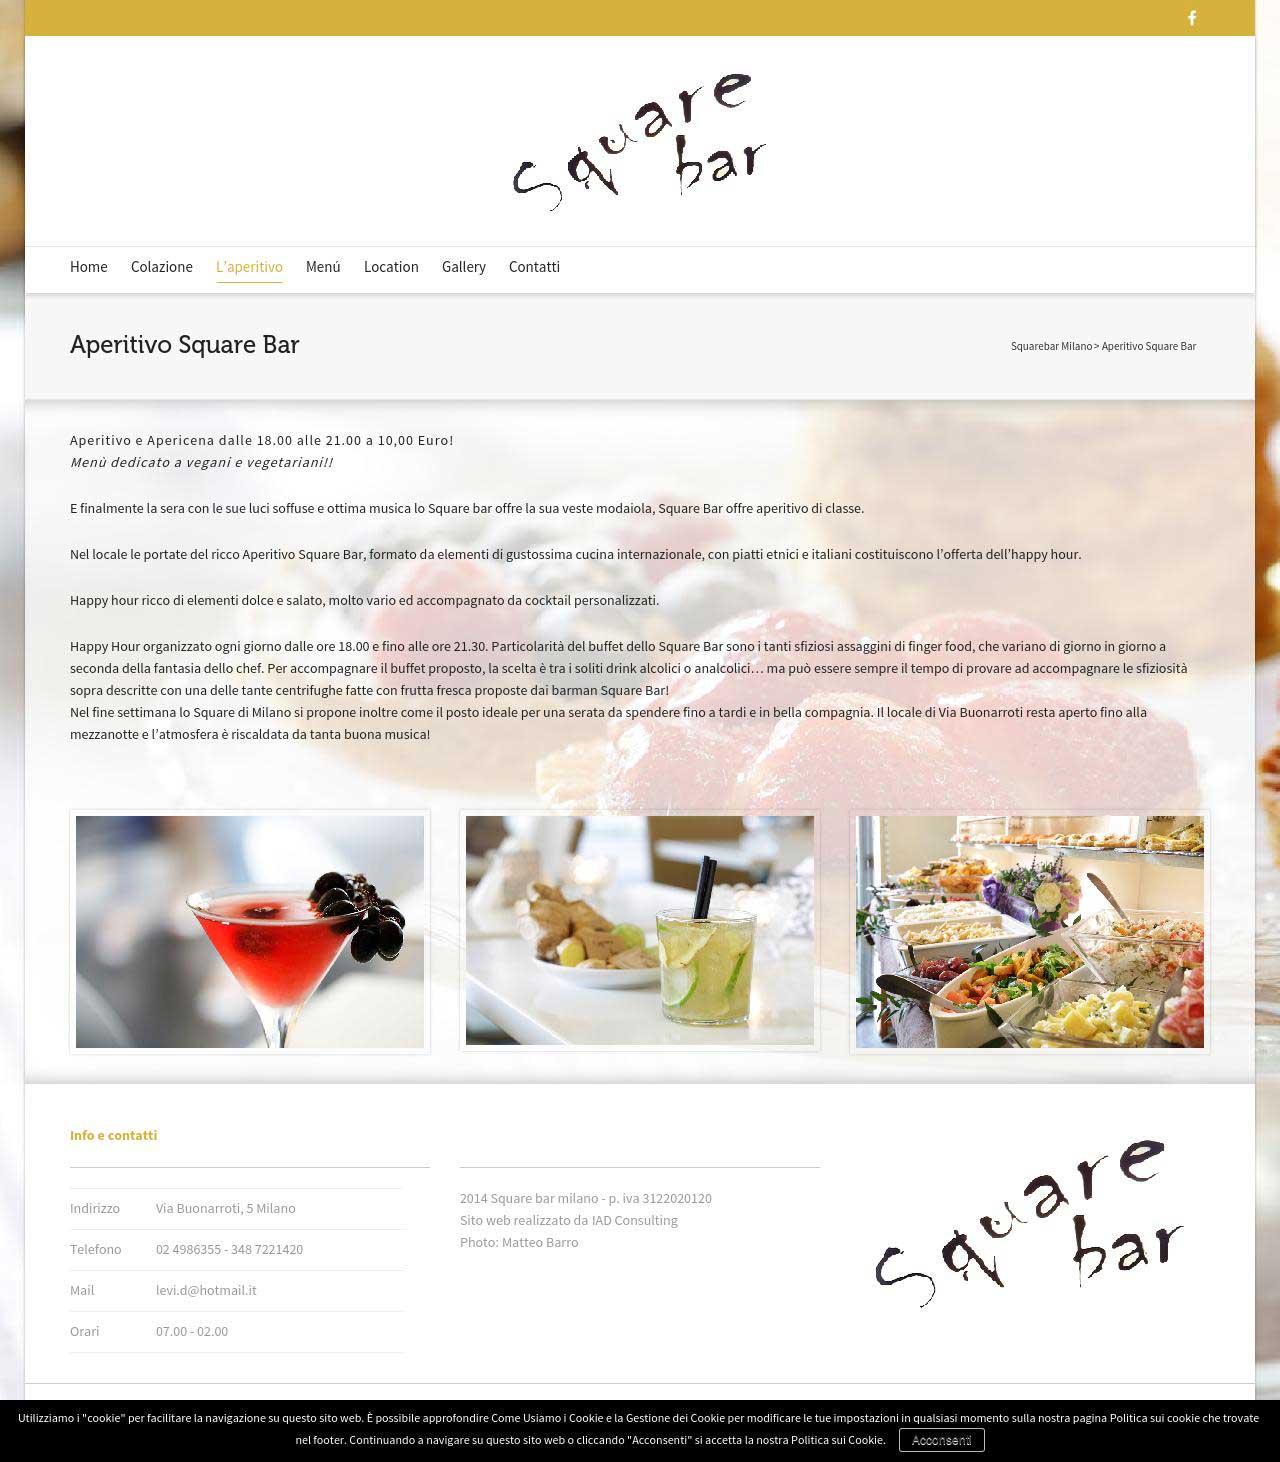 Squarebar-aperitivo